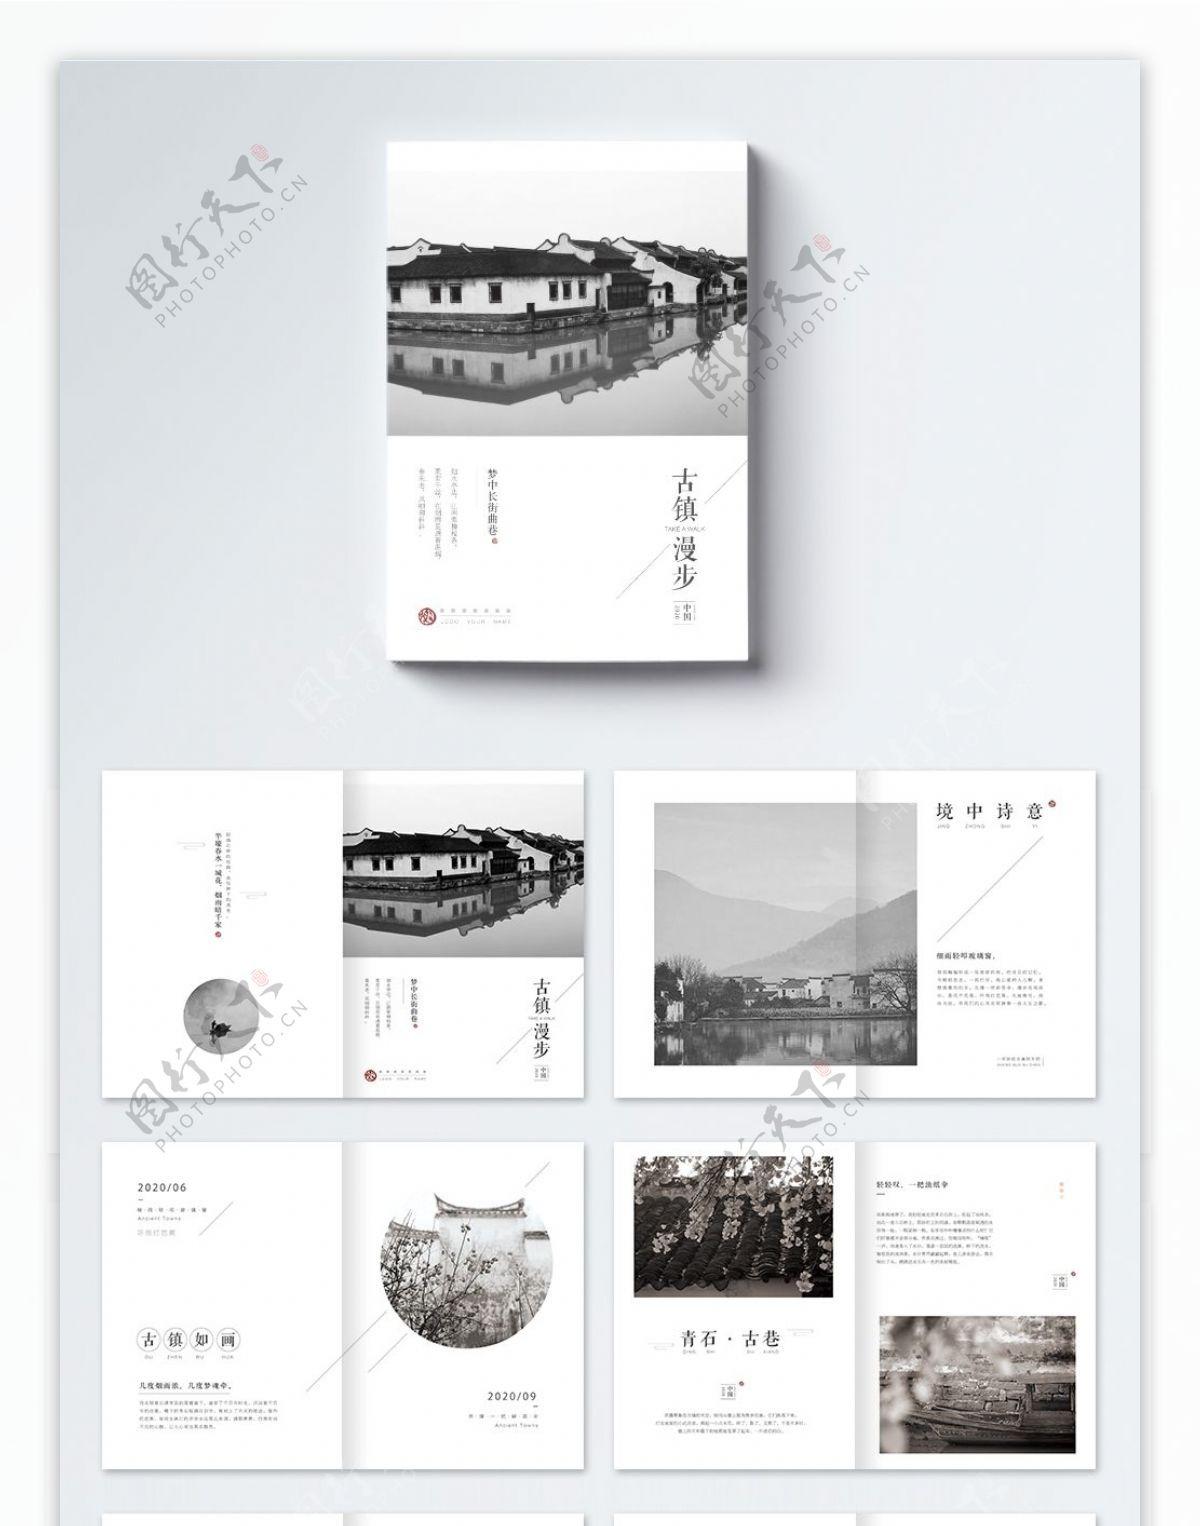 中国风旅游古镇画册